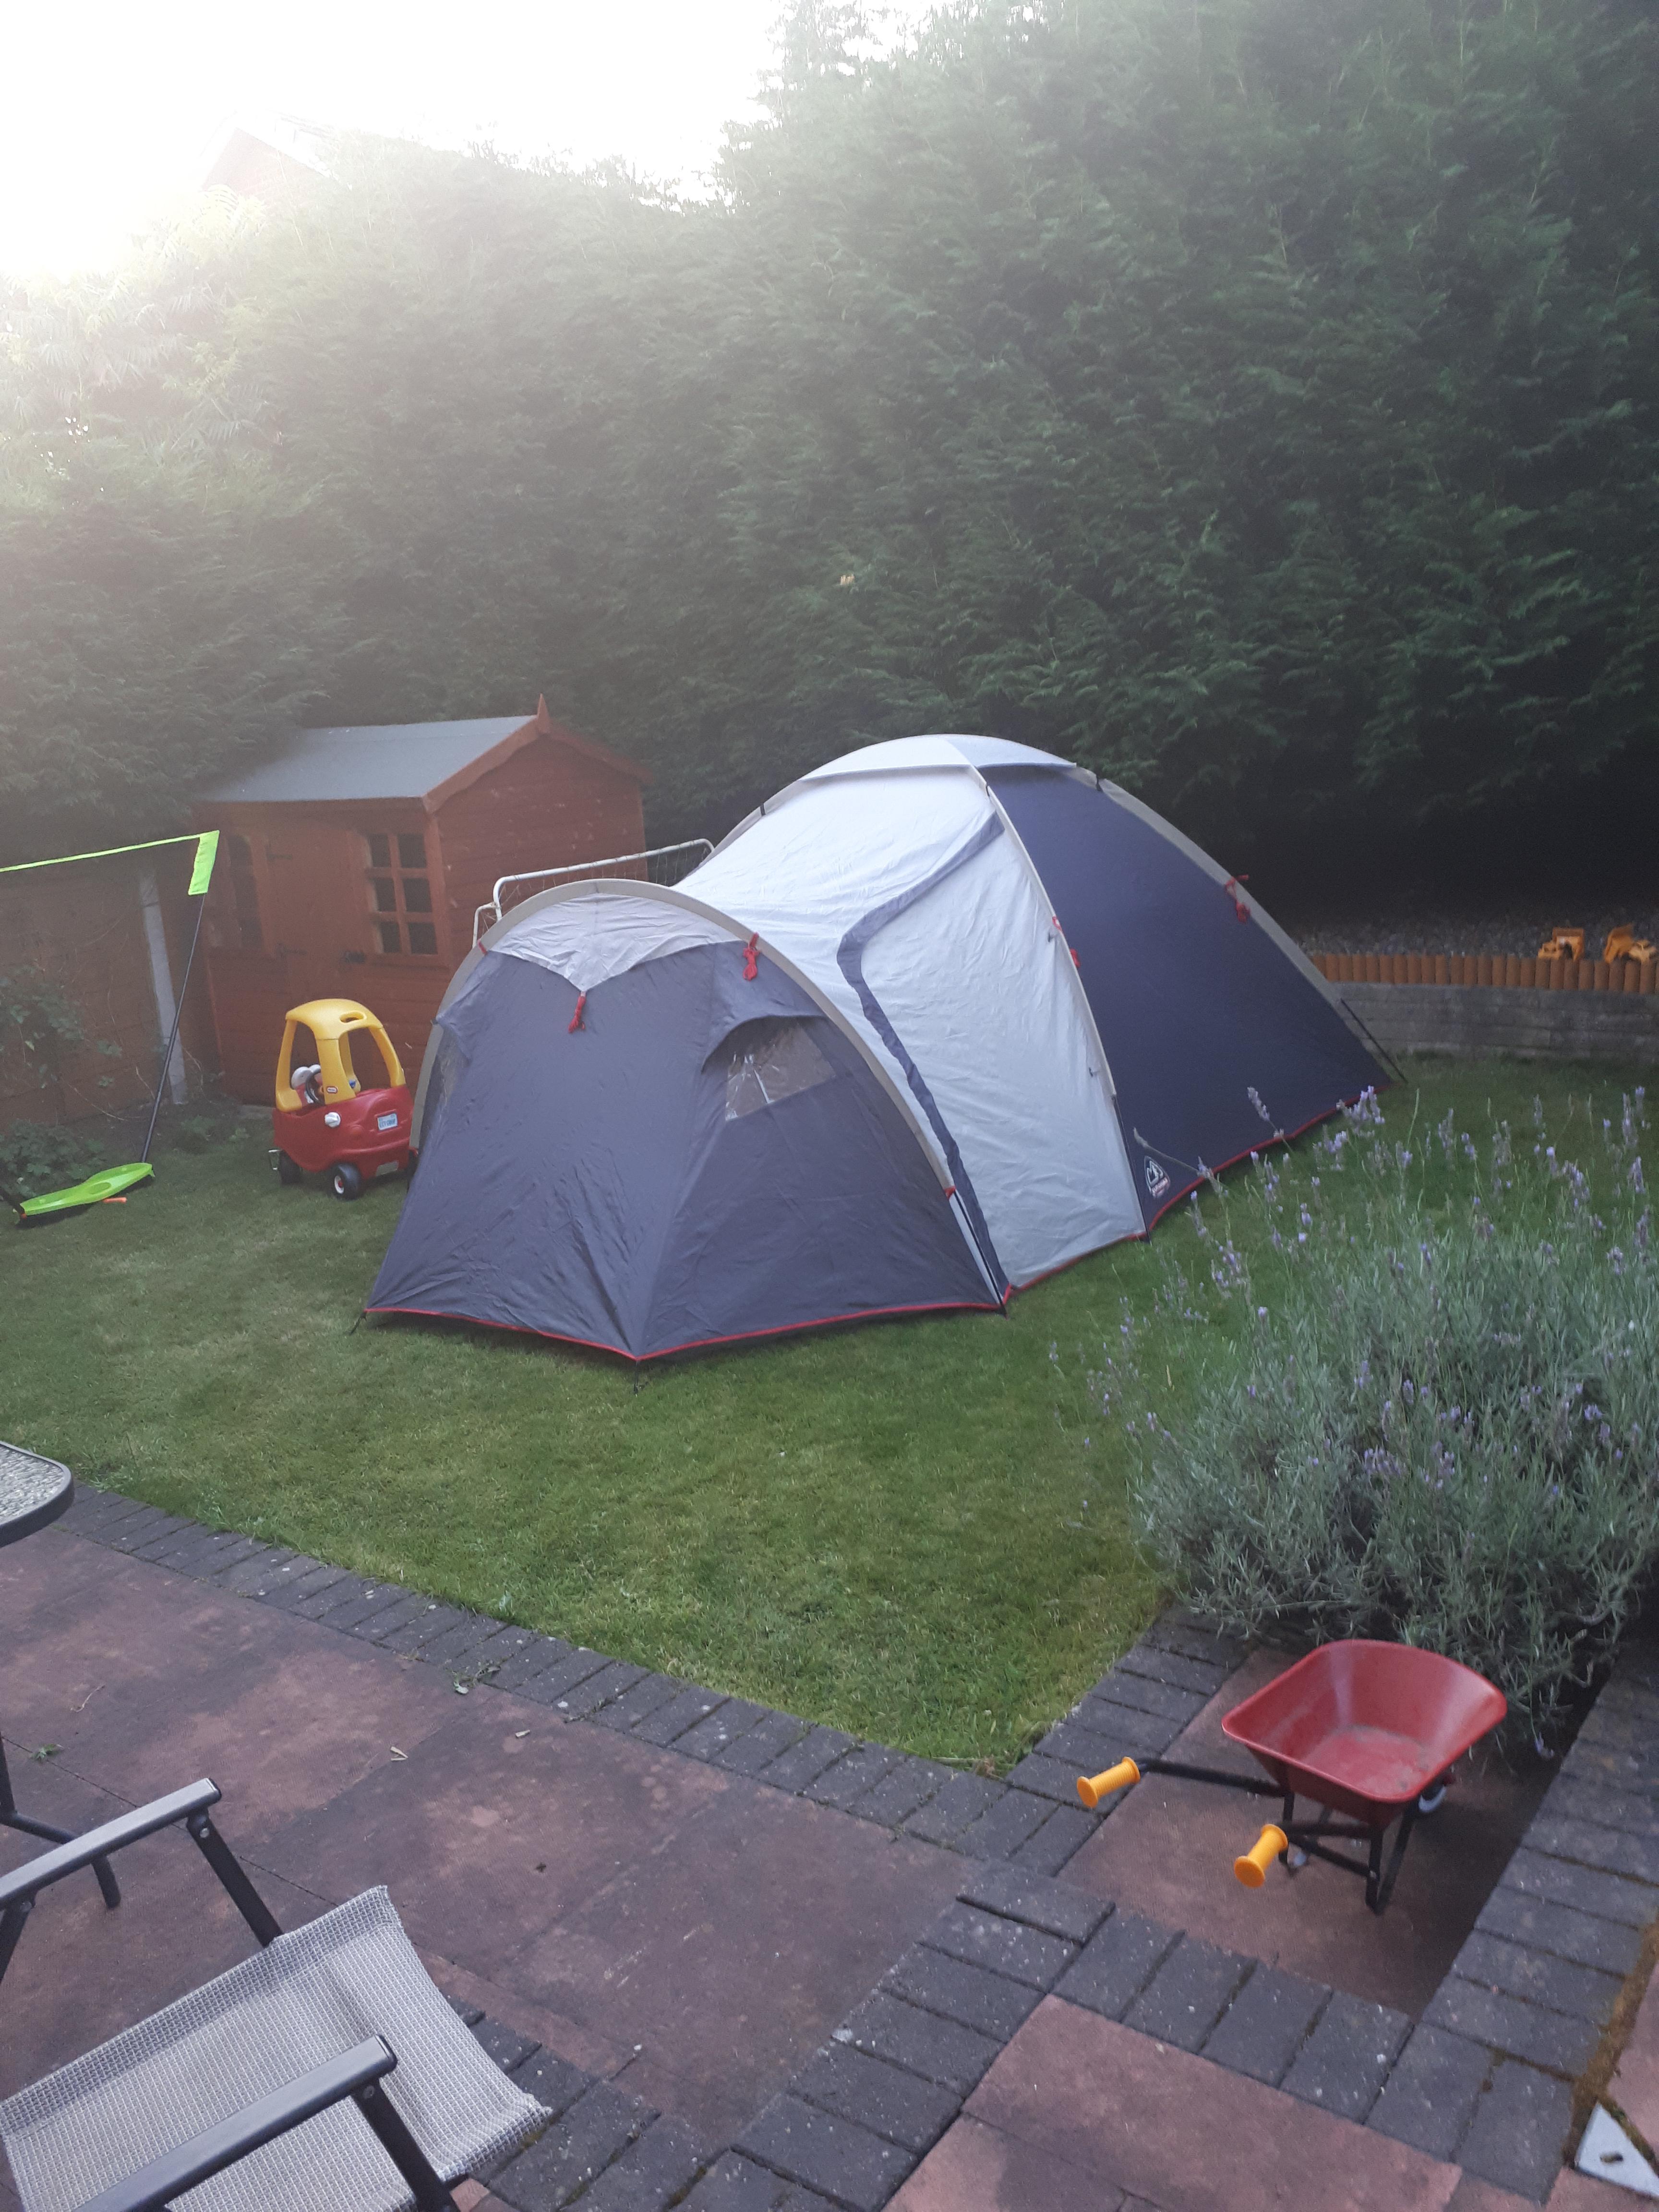 boys zipped into tent